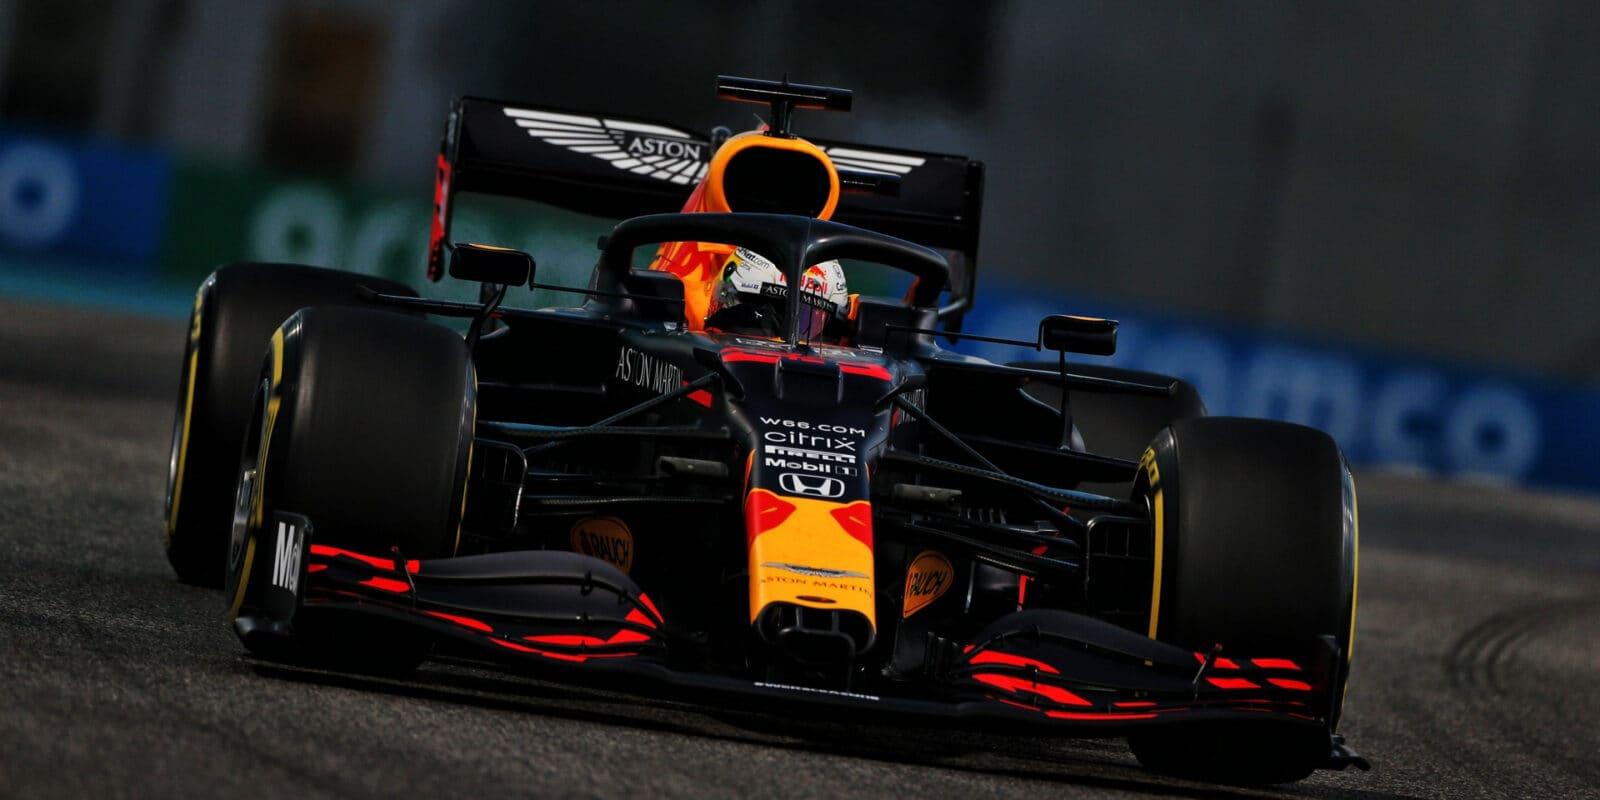 Poslední kvalifikaci roku nečekaně ovládl Max Verstappen!